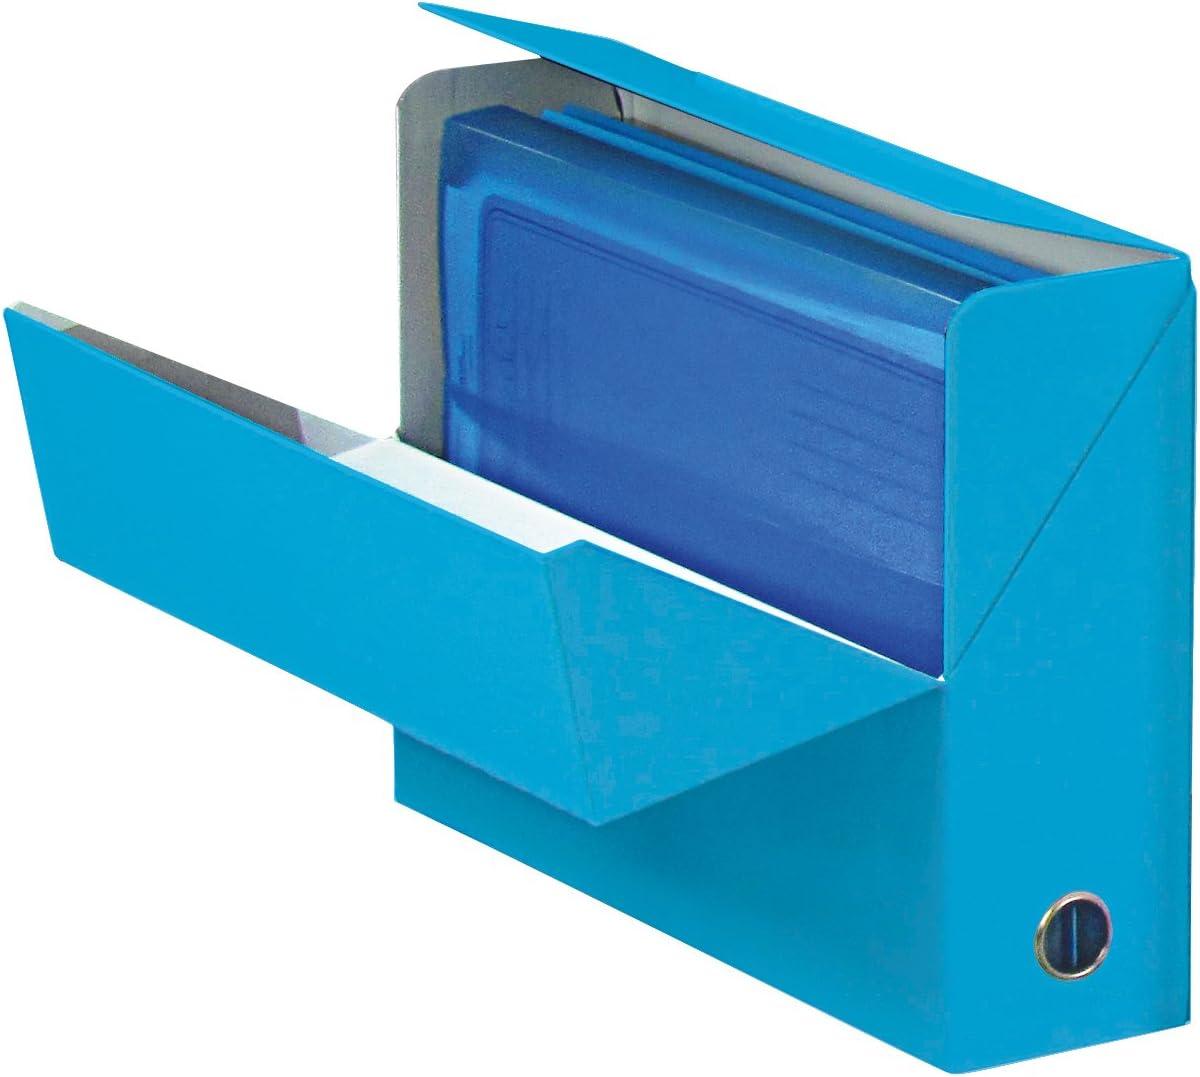 Elba color life – Caja de transferencia tarjeta Plastificado, ancho 9 cm 34 x 25,5 cm), color azul turquesa: Amazon.es: Oficina y papelería